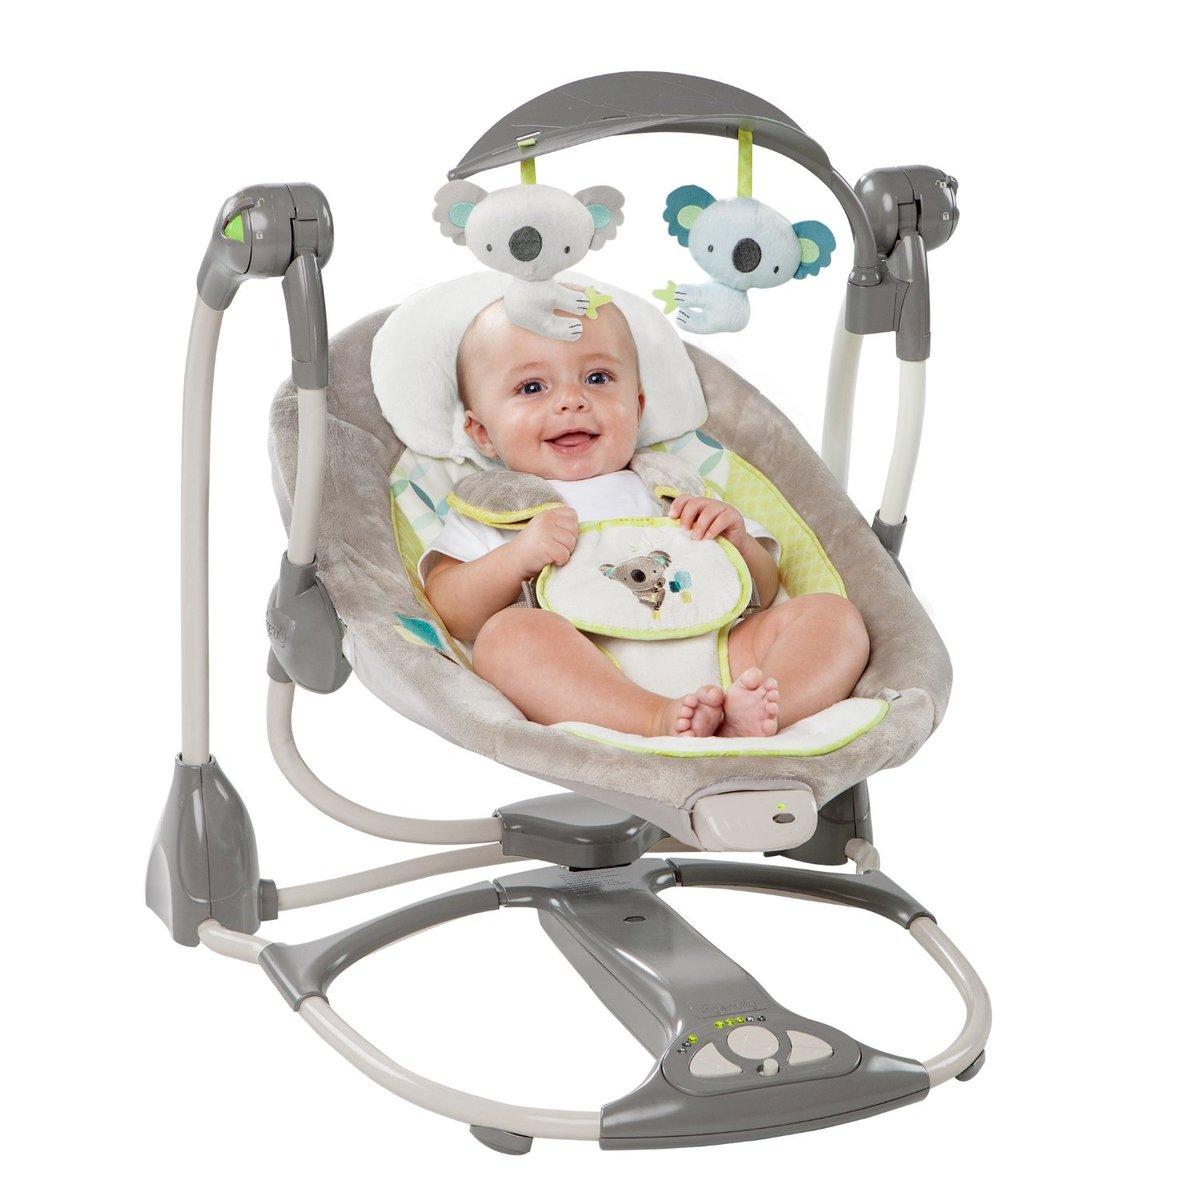 美国Ingenuity安抚摇椅婴儿摇摇床哄娃哄睡神器电动躺椅摇篮床